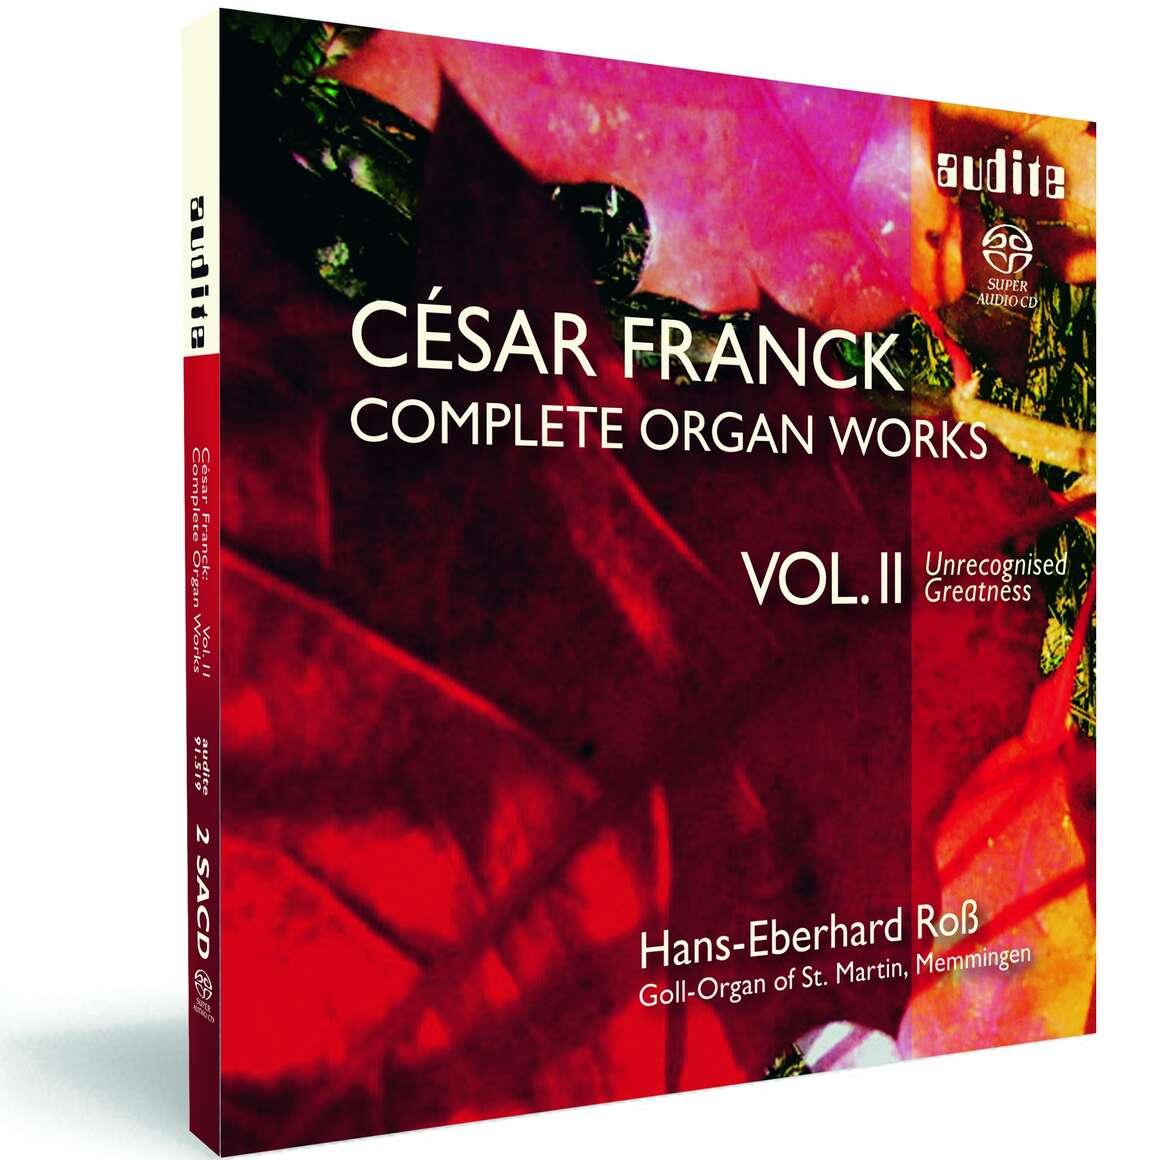 C. Franck: Complete Organ Works Vol. II